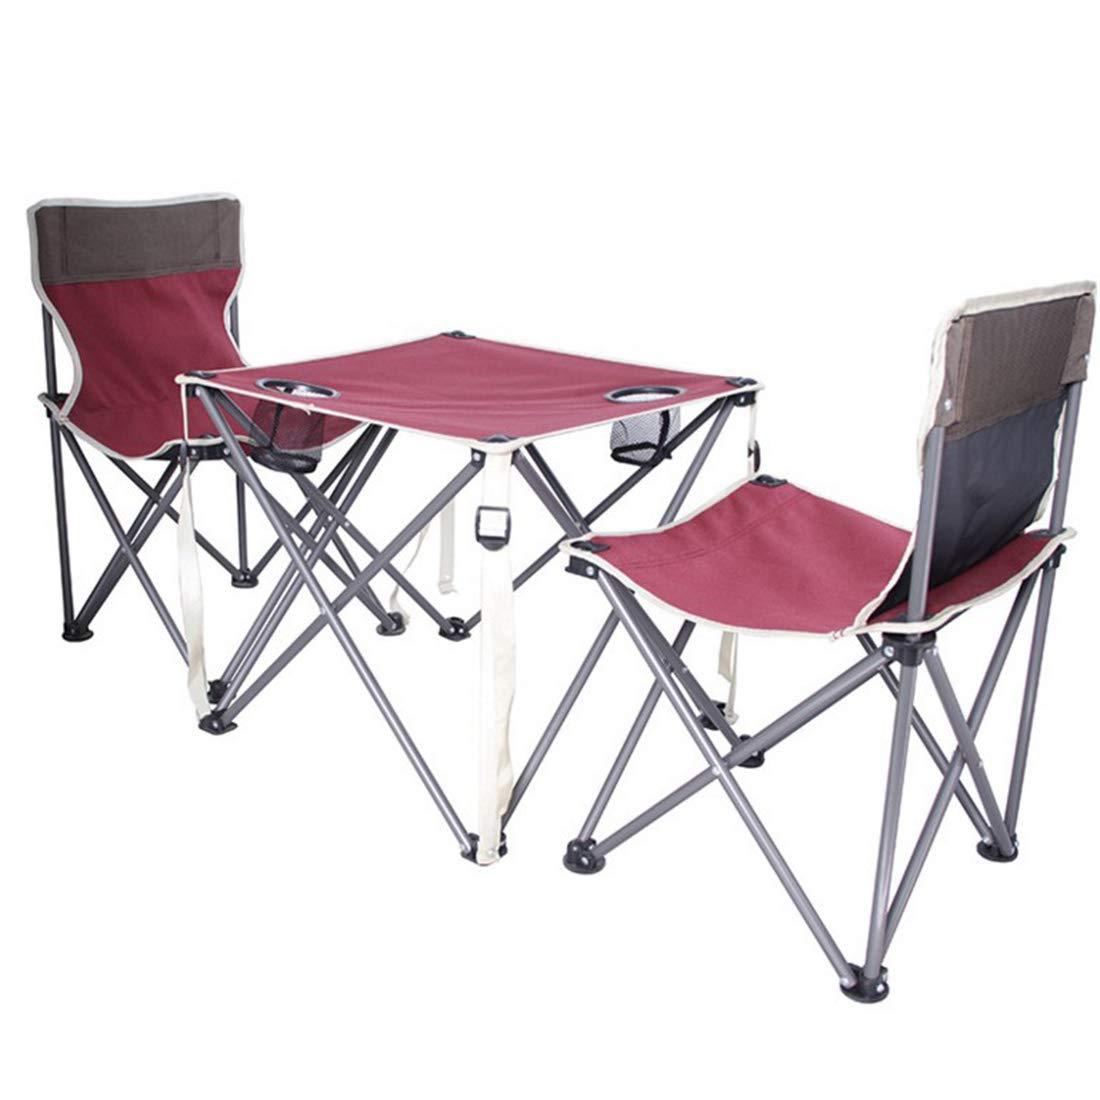 FUBULECY Faltender Strand-Tisch und Stuhl-Sätze im Freien Freizeit-kampierender Stuhl und DREI Sätze Sketch Stühle Rotwein